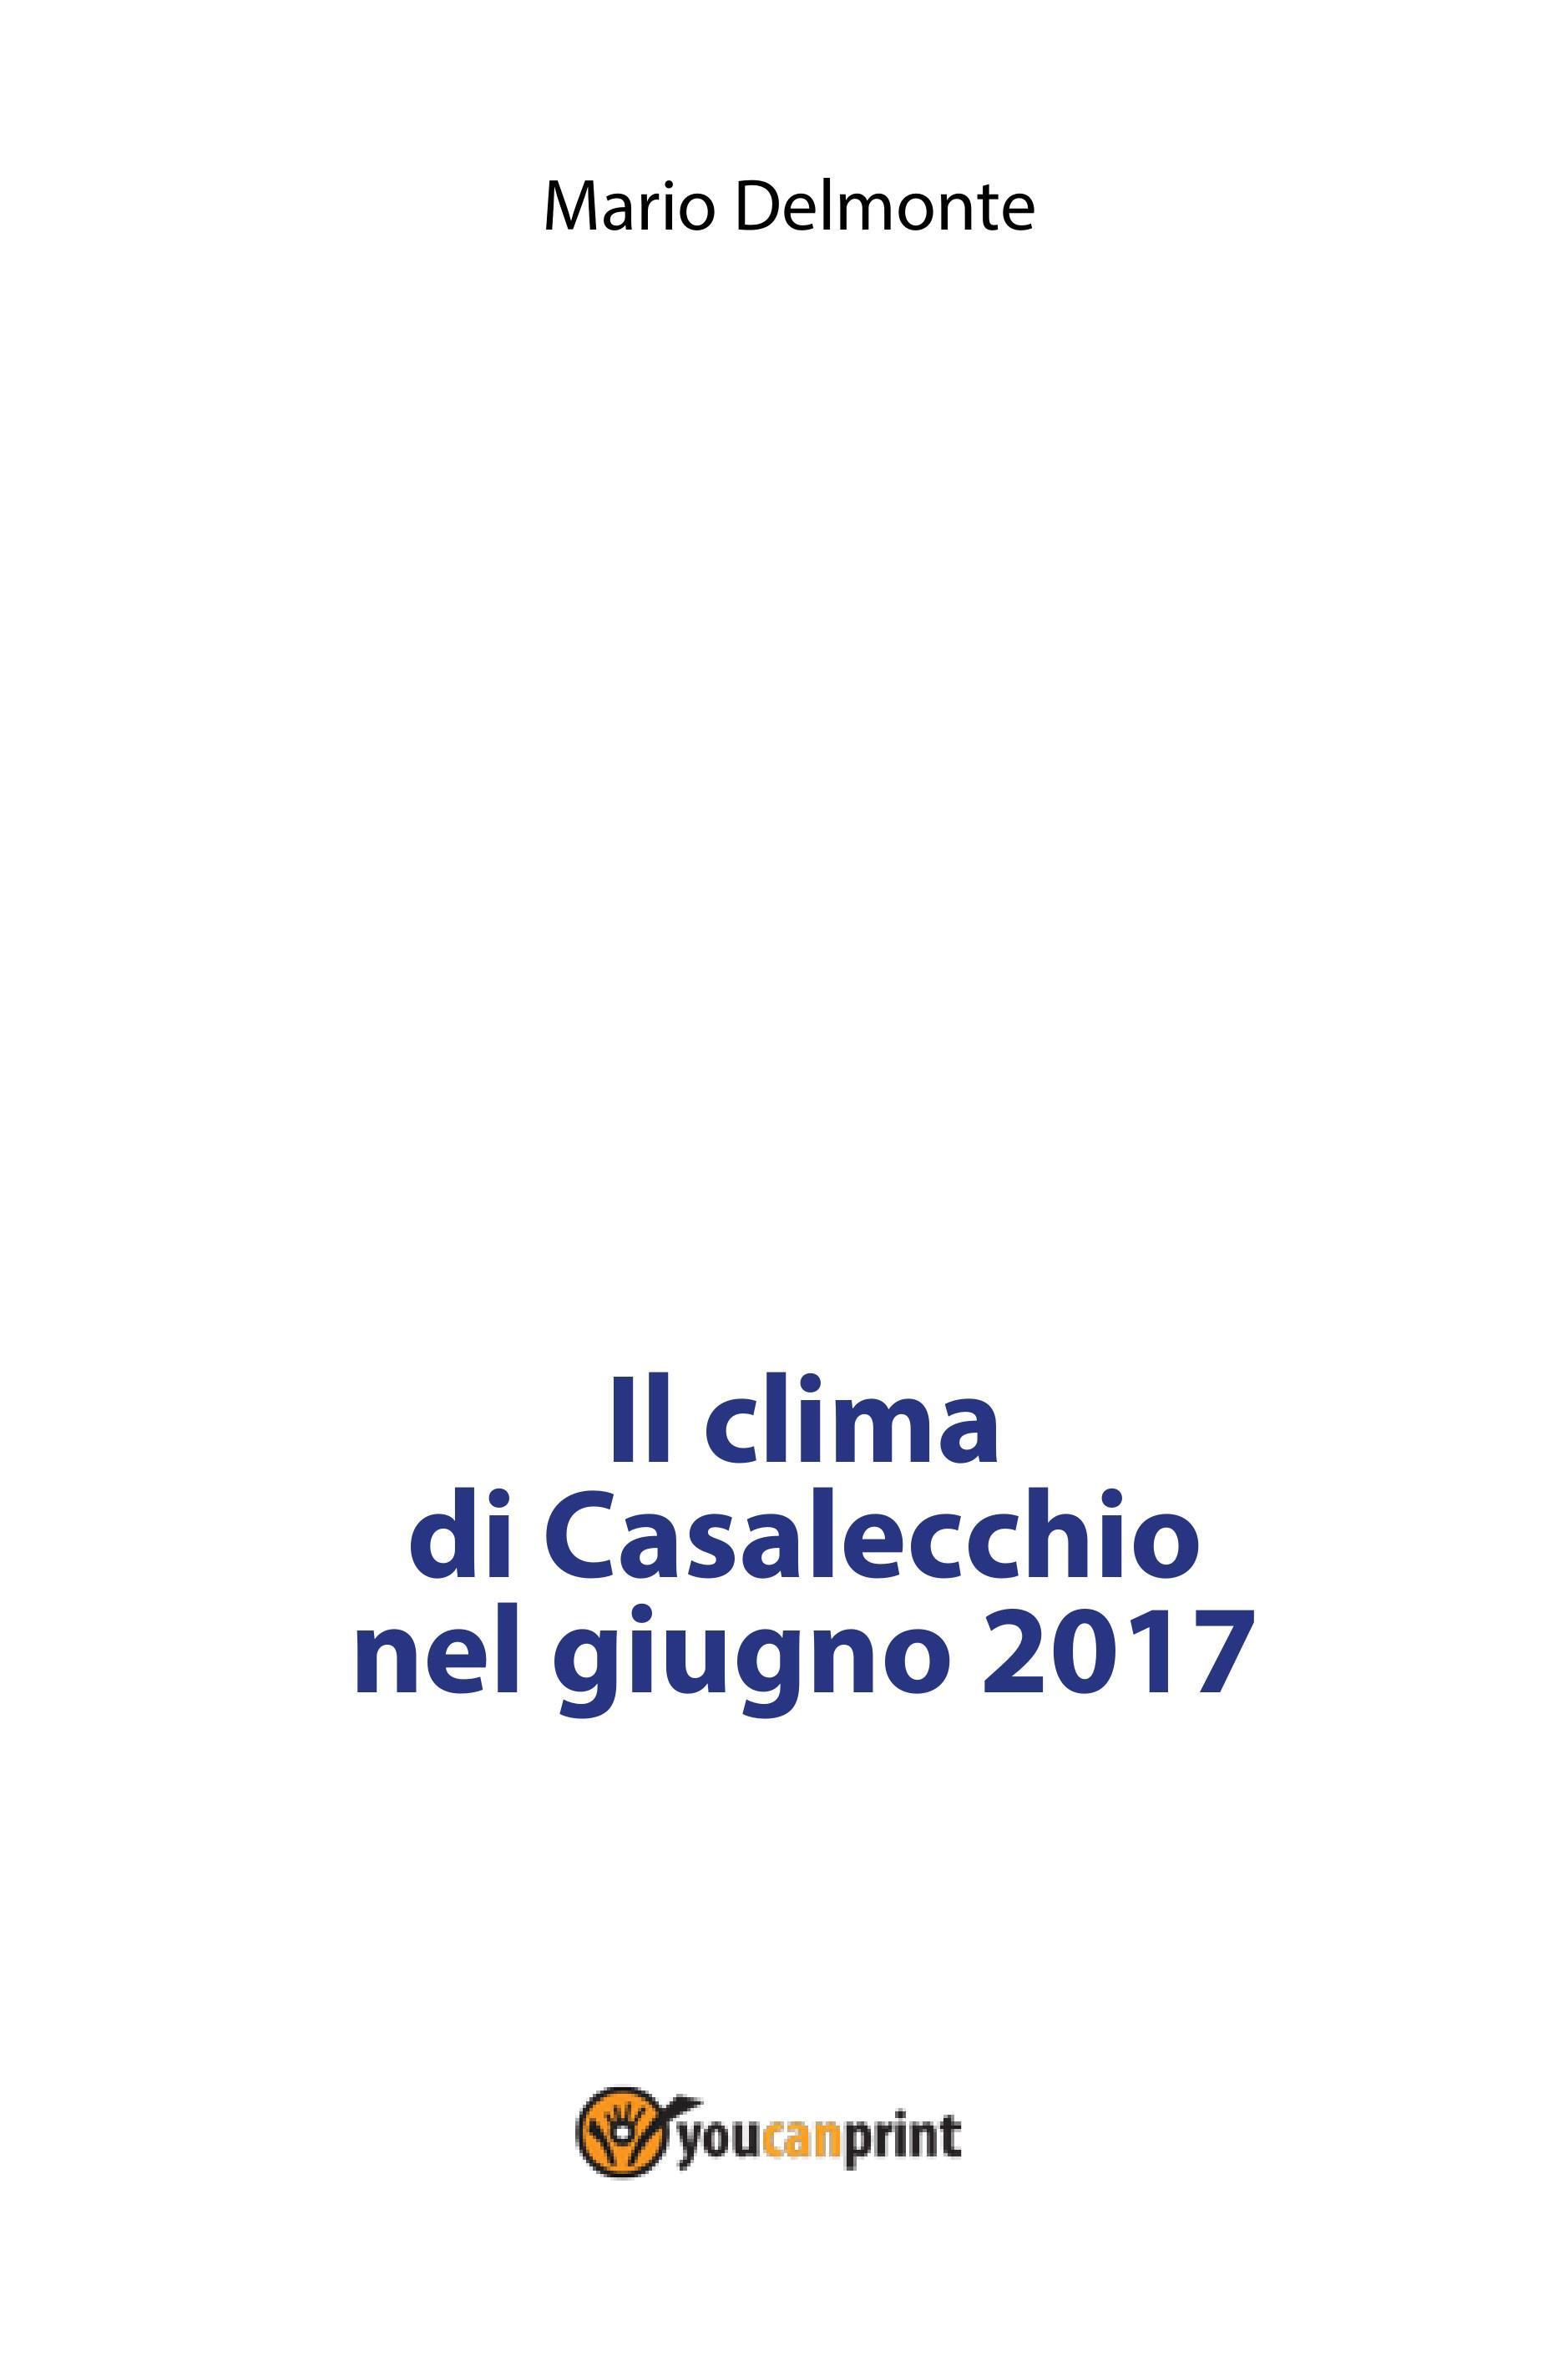 Il clima di Casalecchio nel giugno 2017